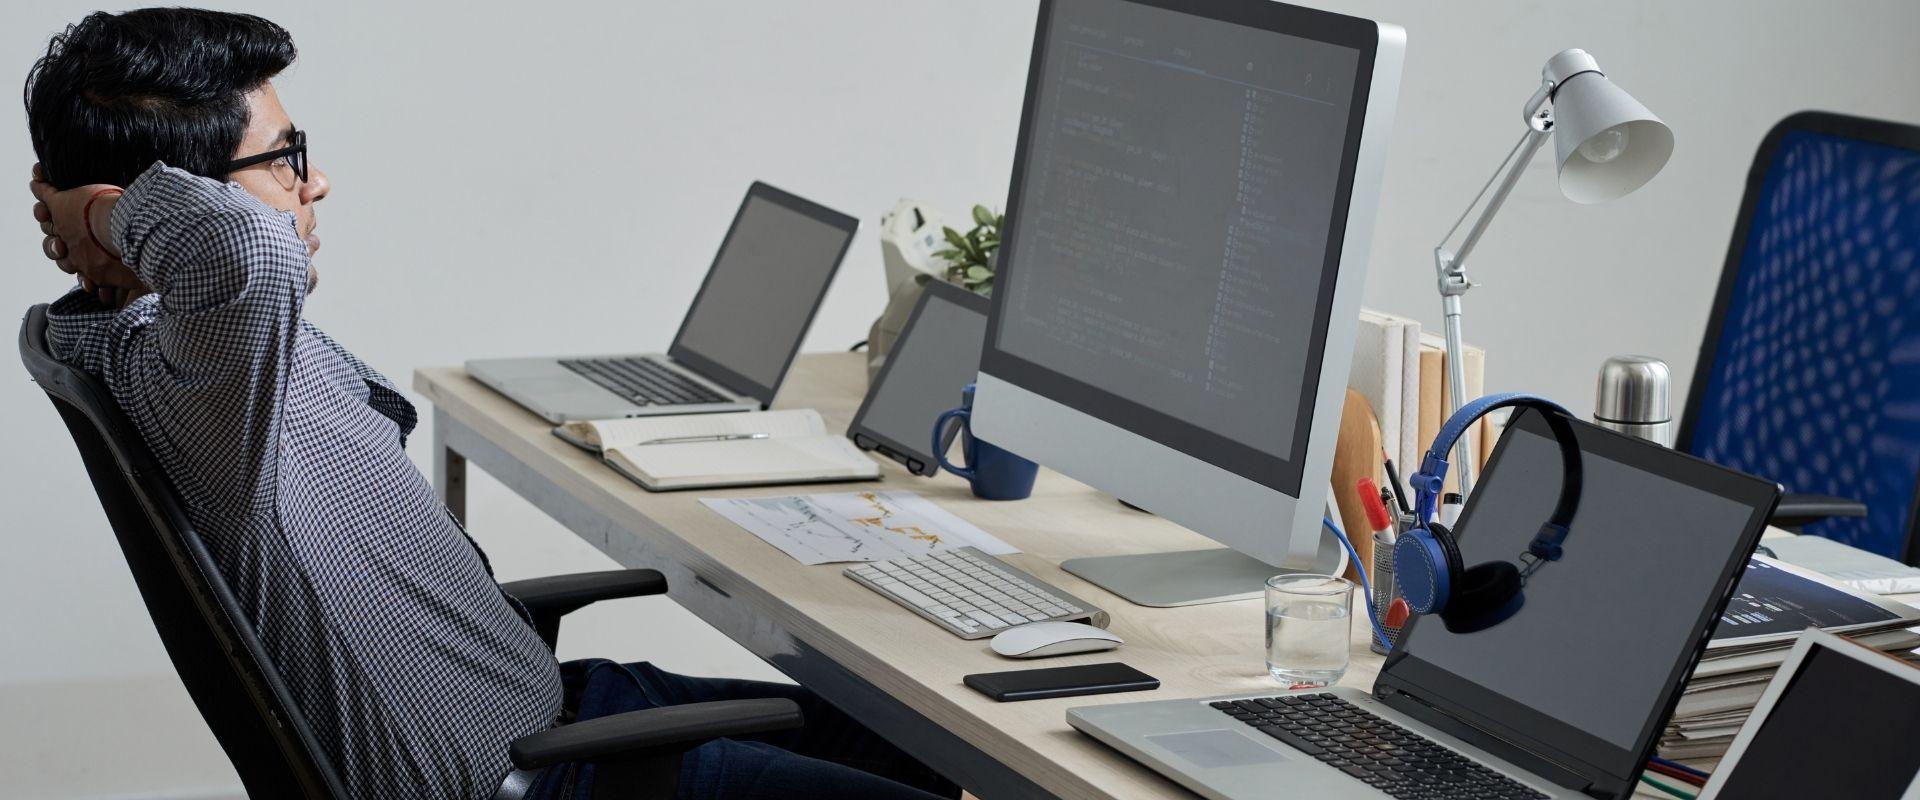 Da TI tradicional para a TI moderna: confira as principais evoluções